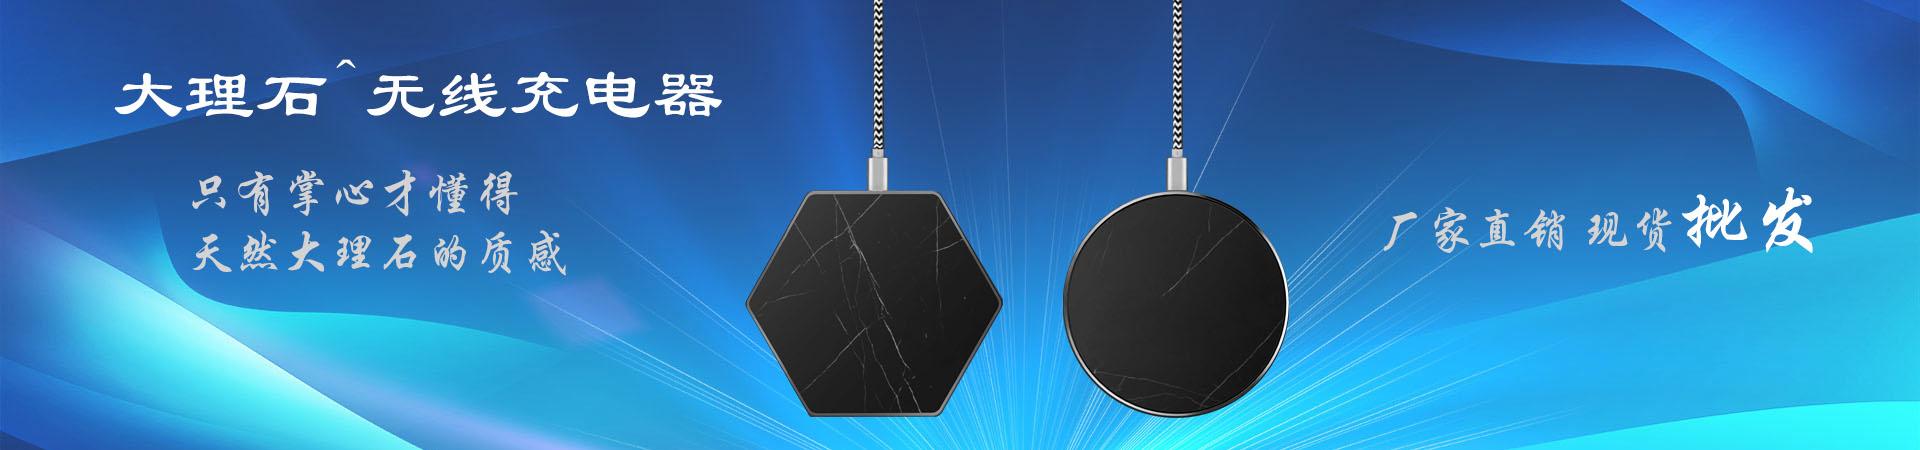 利行者生产的大理石桌面手机无线充电器